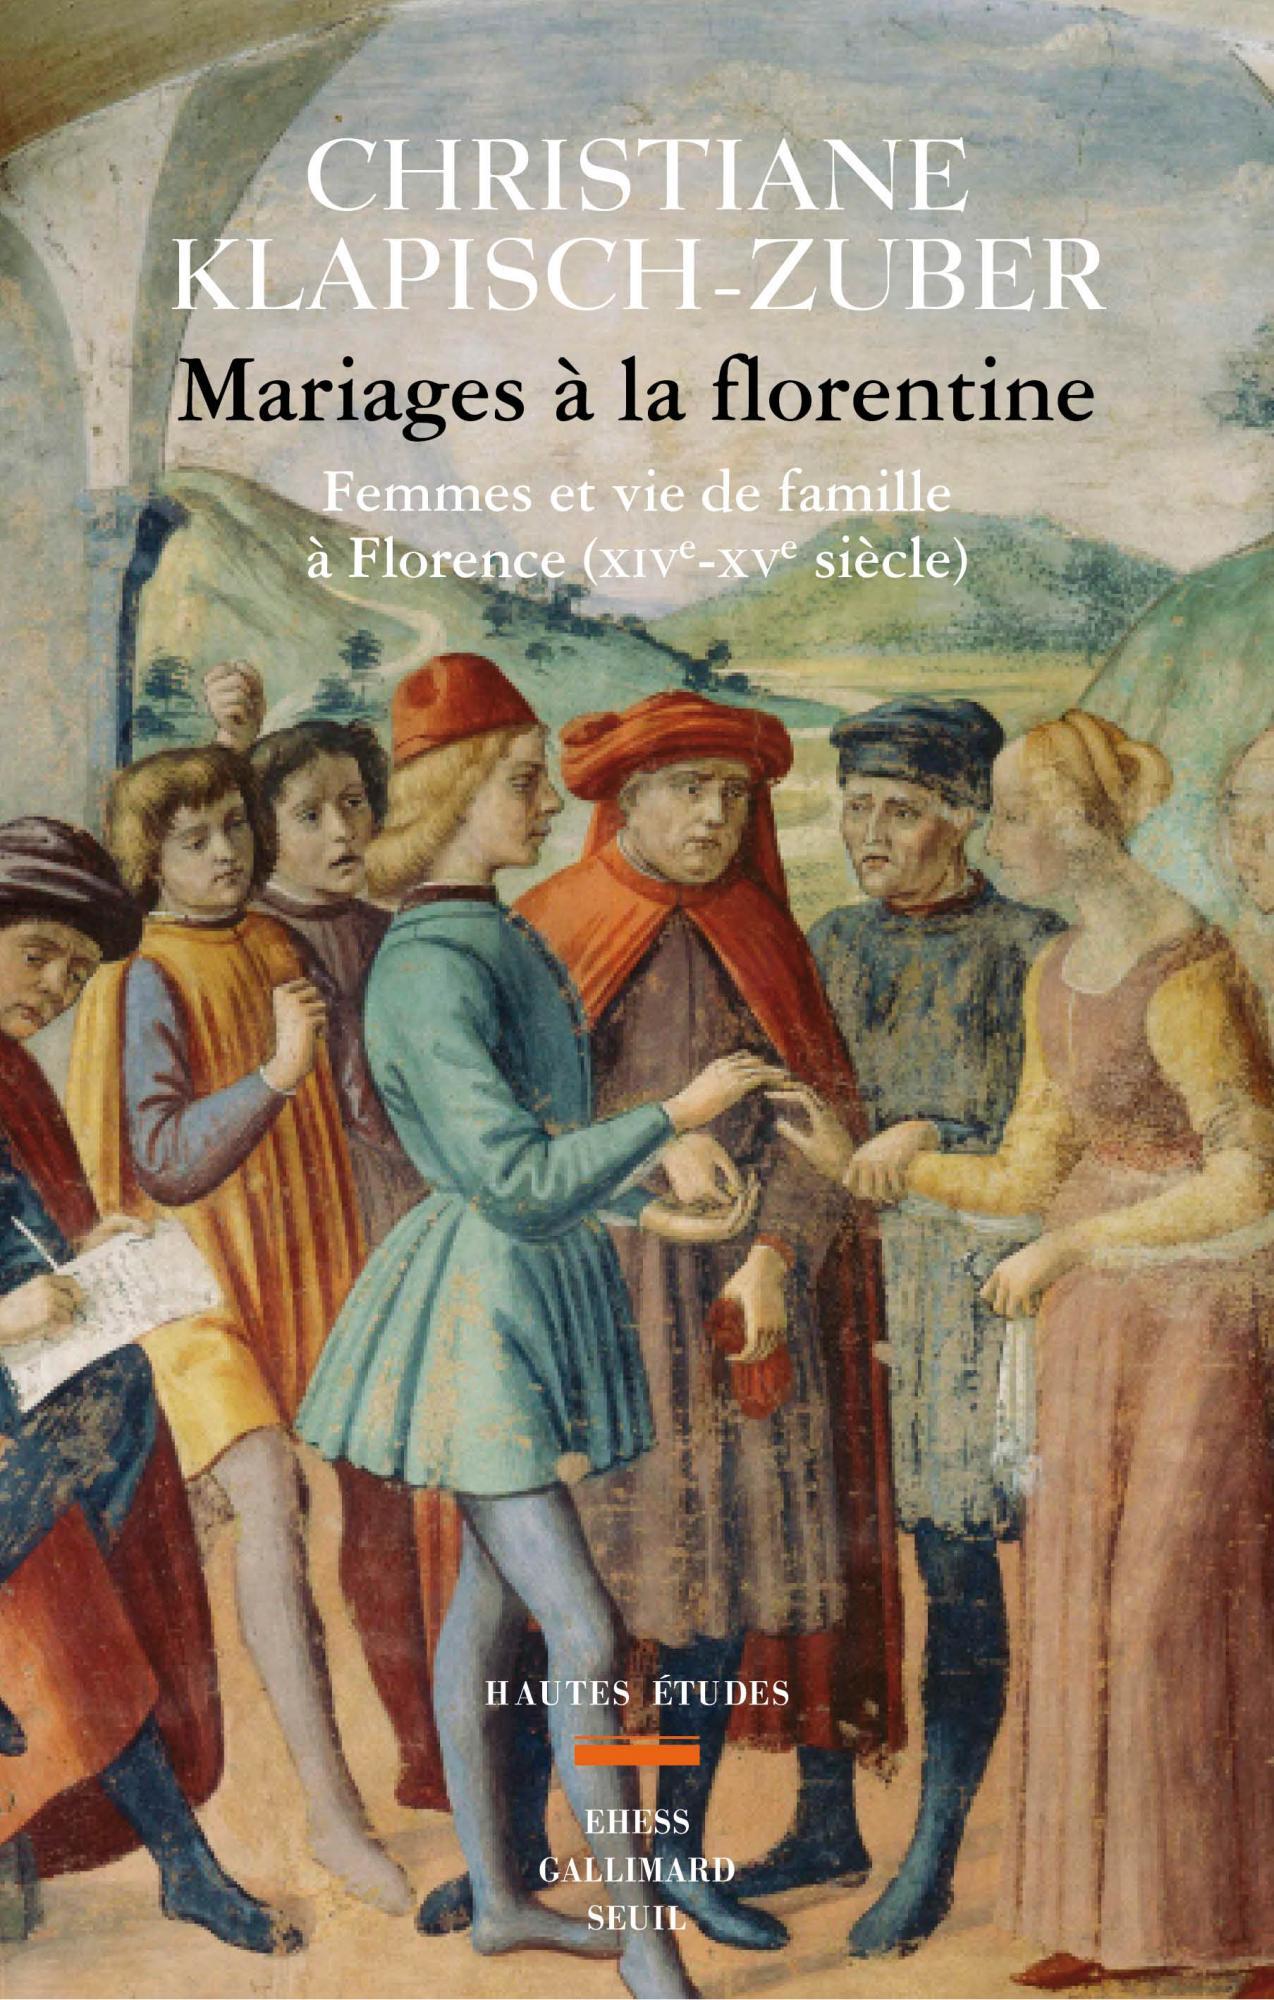 C. Klapisch-Zuber, Mariages à la florentine. Femmes et vie de famille à Florence. XIVe-XVe s.